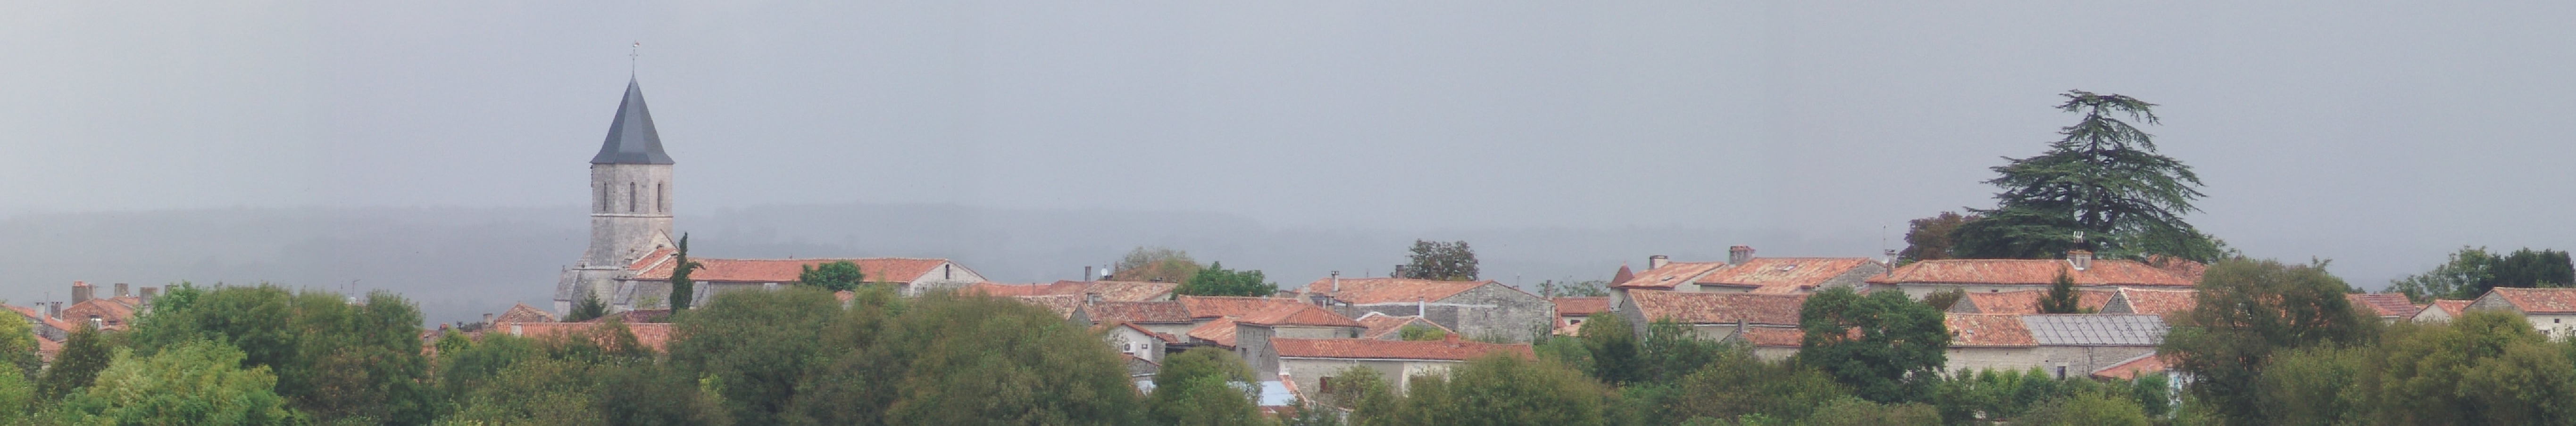 Tusson village historique